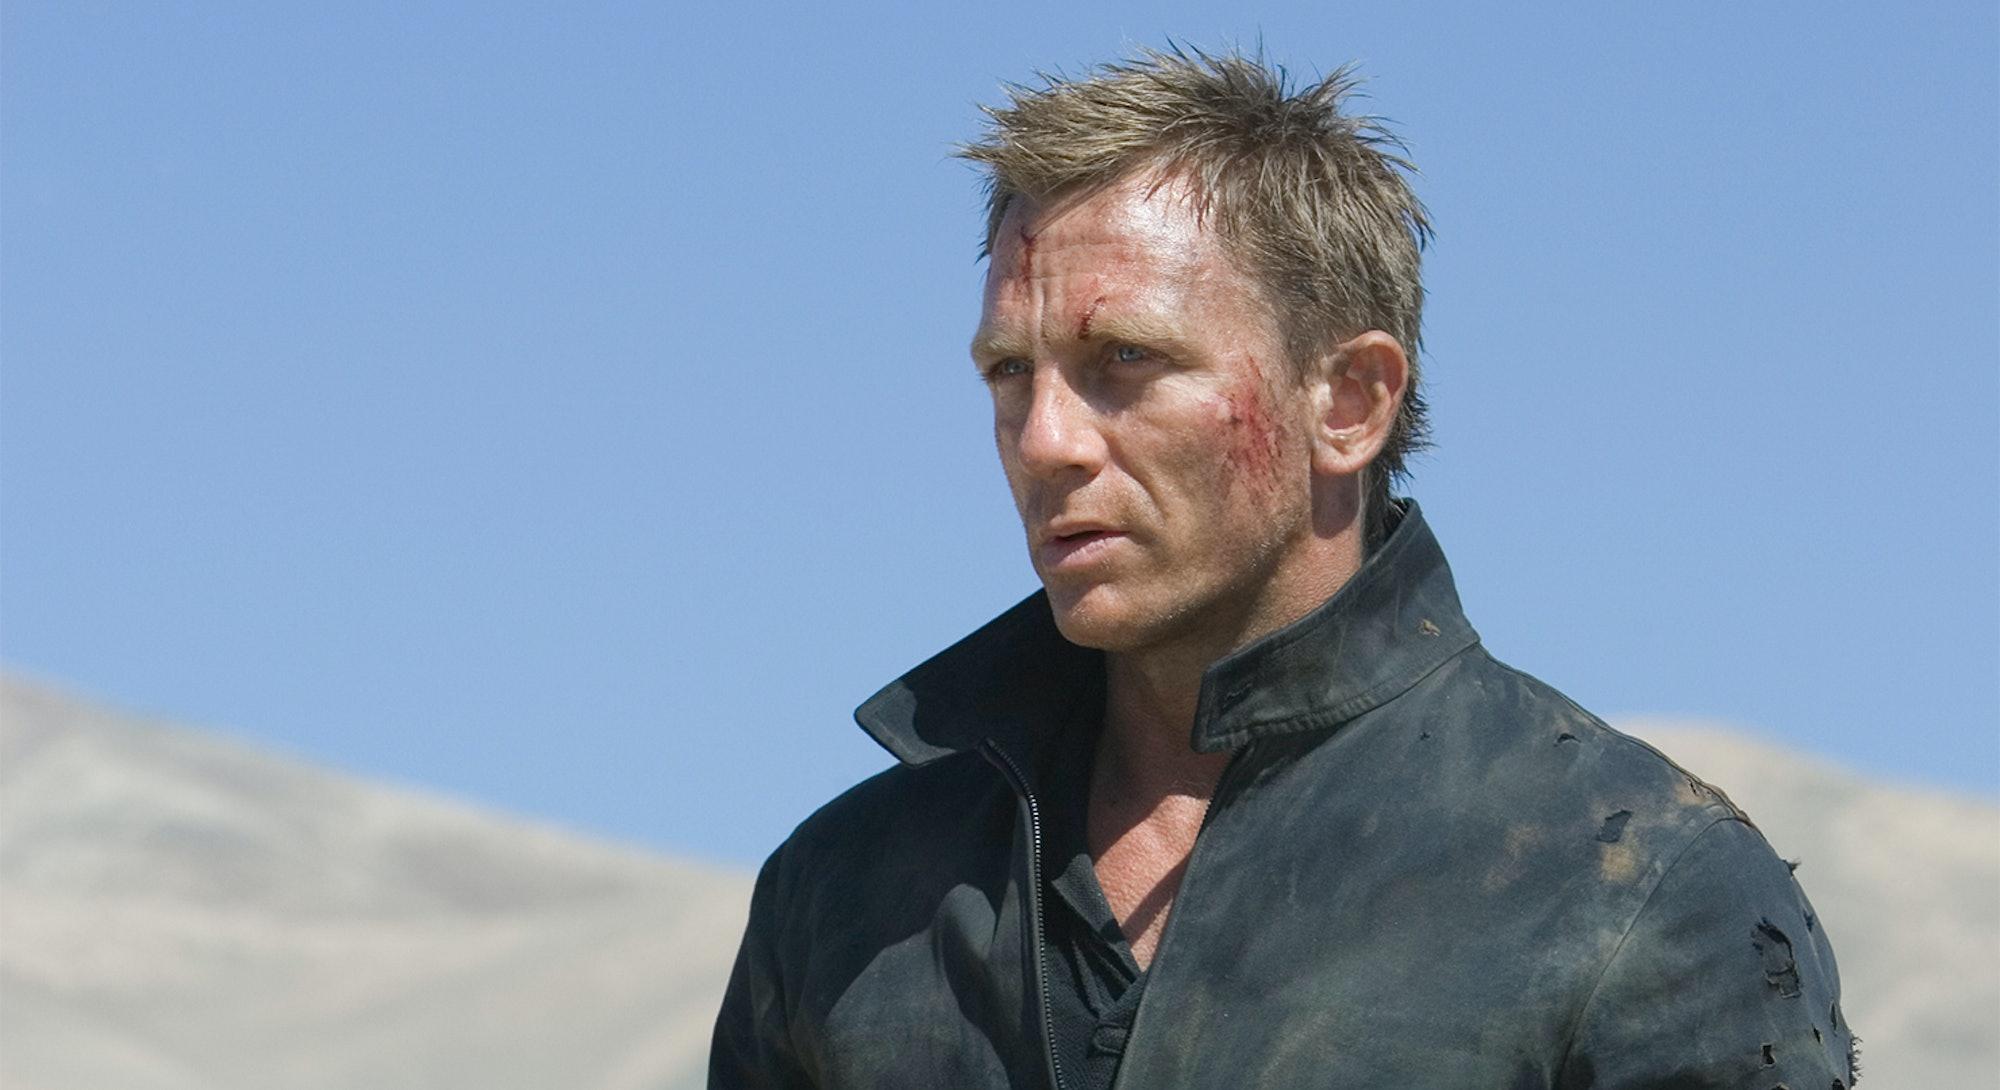 Daniel Craig, James Bond, Quantum of Solace